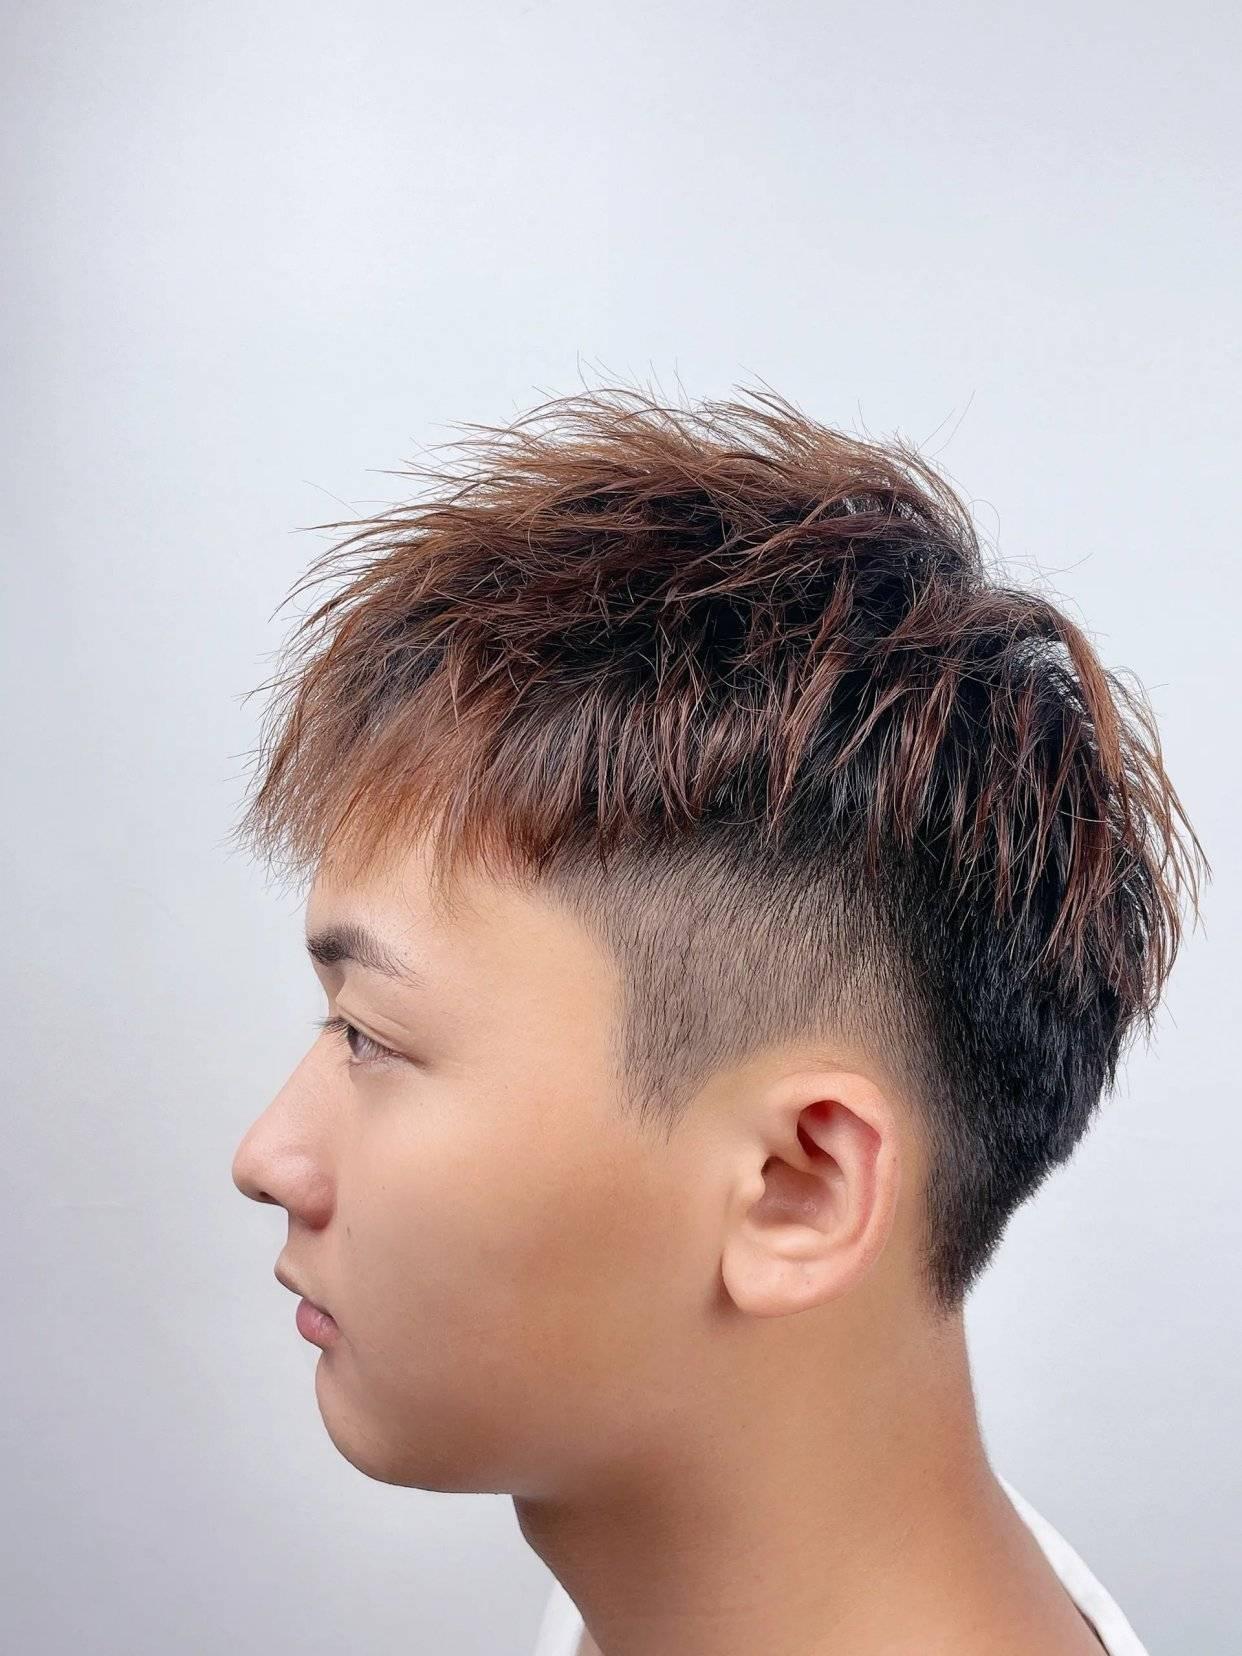 狼尾男发已过时,这10几款更流行,你看帅不帅_发型